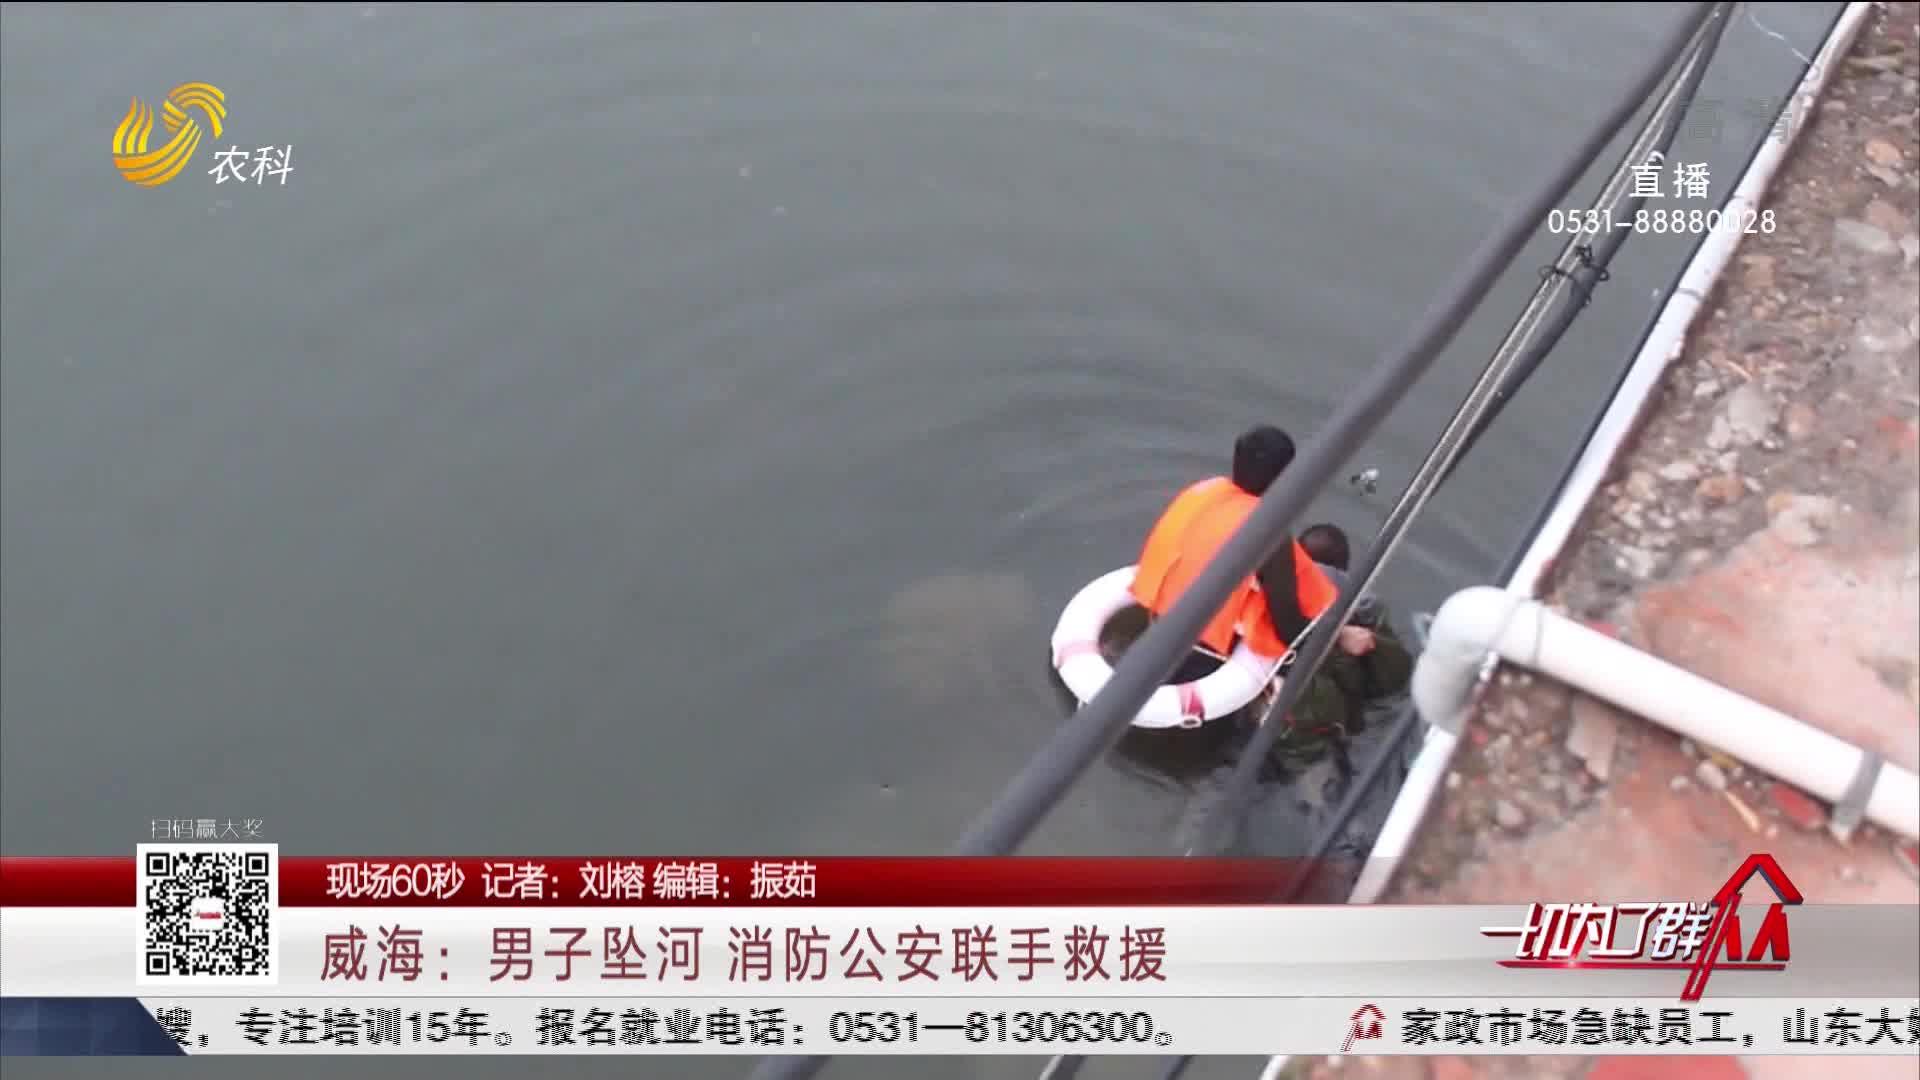 【現場60秒】威海:男子墜河 消防公安聯手救援